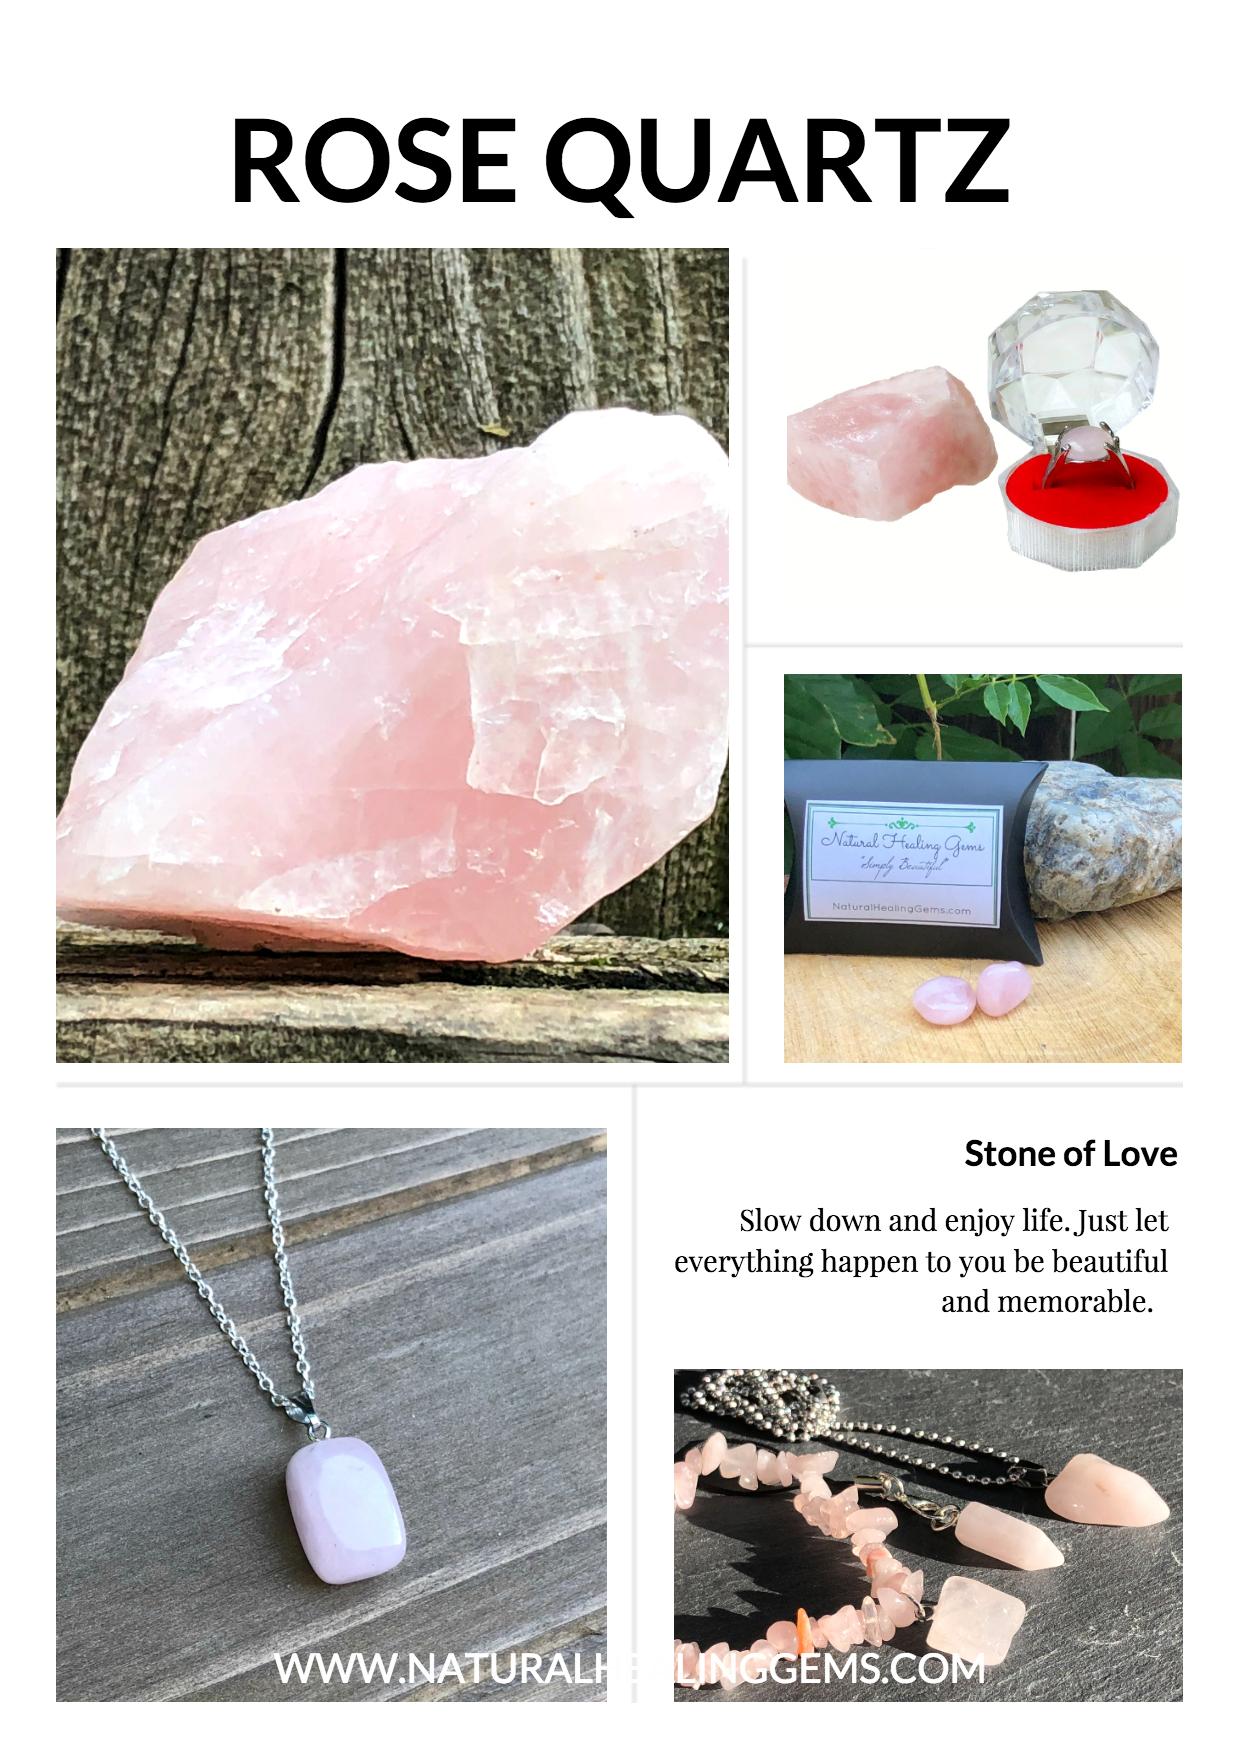 rose quartz collage AD.jpg